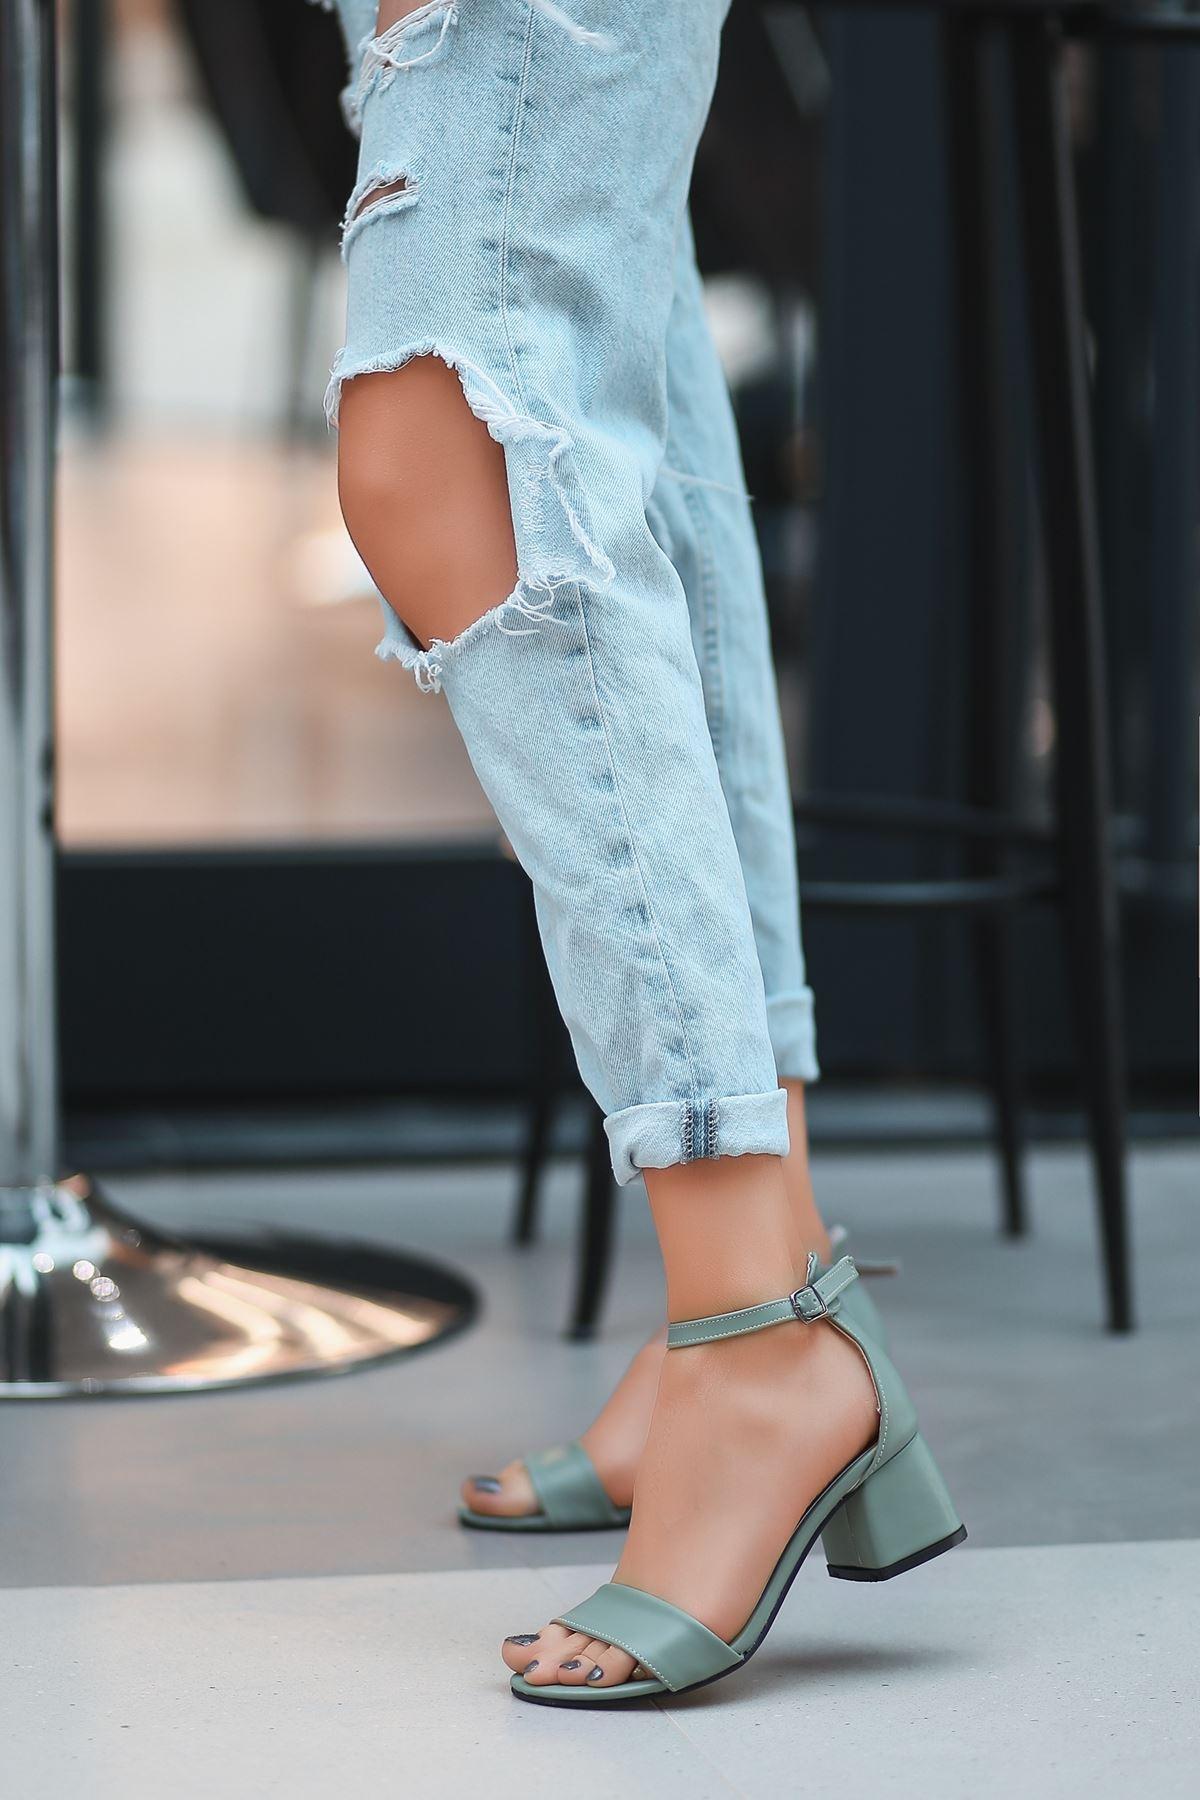 Epon Mint Yeşili Cilt Tek Bant Topuklu Ayakkabı